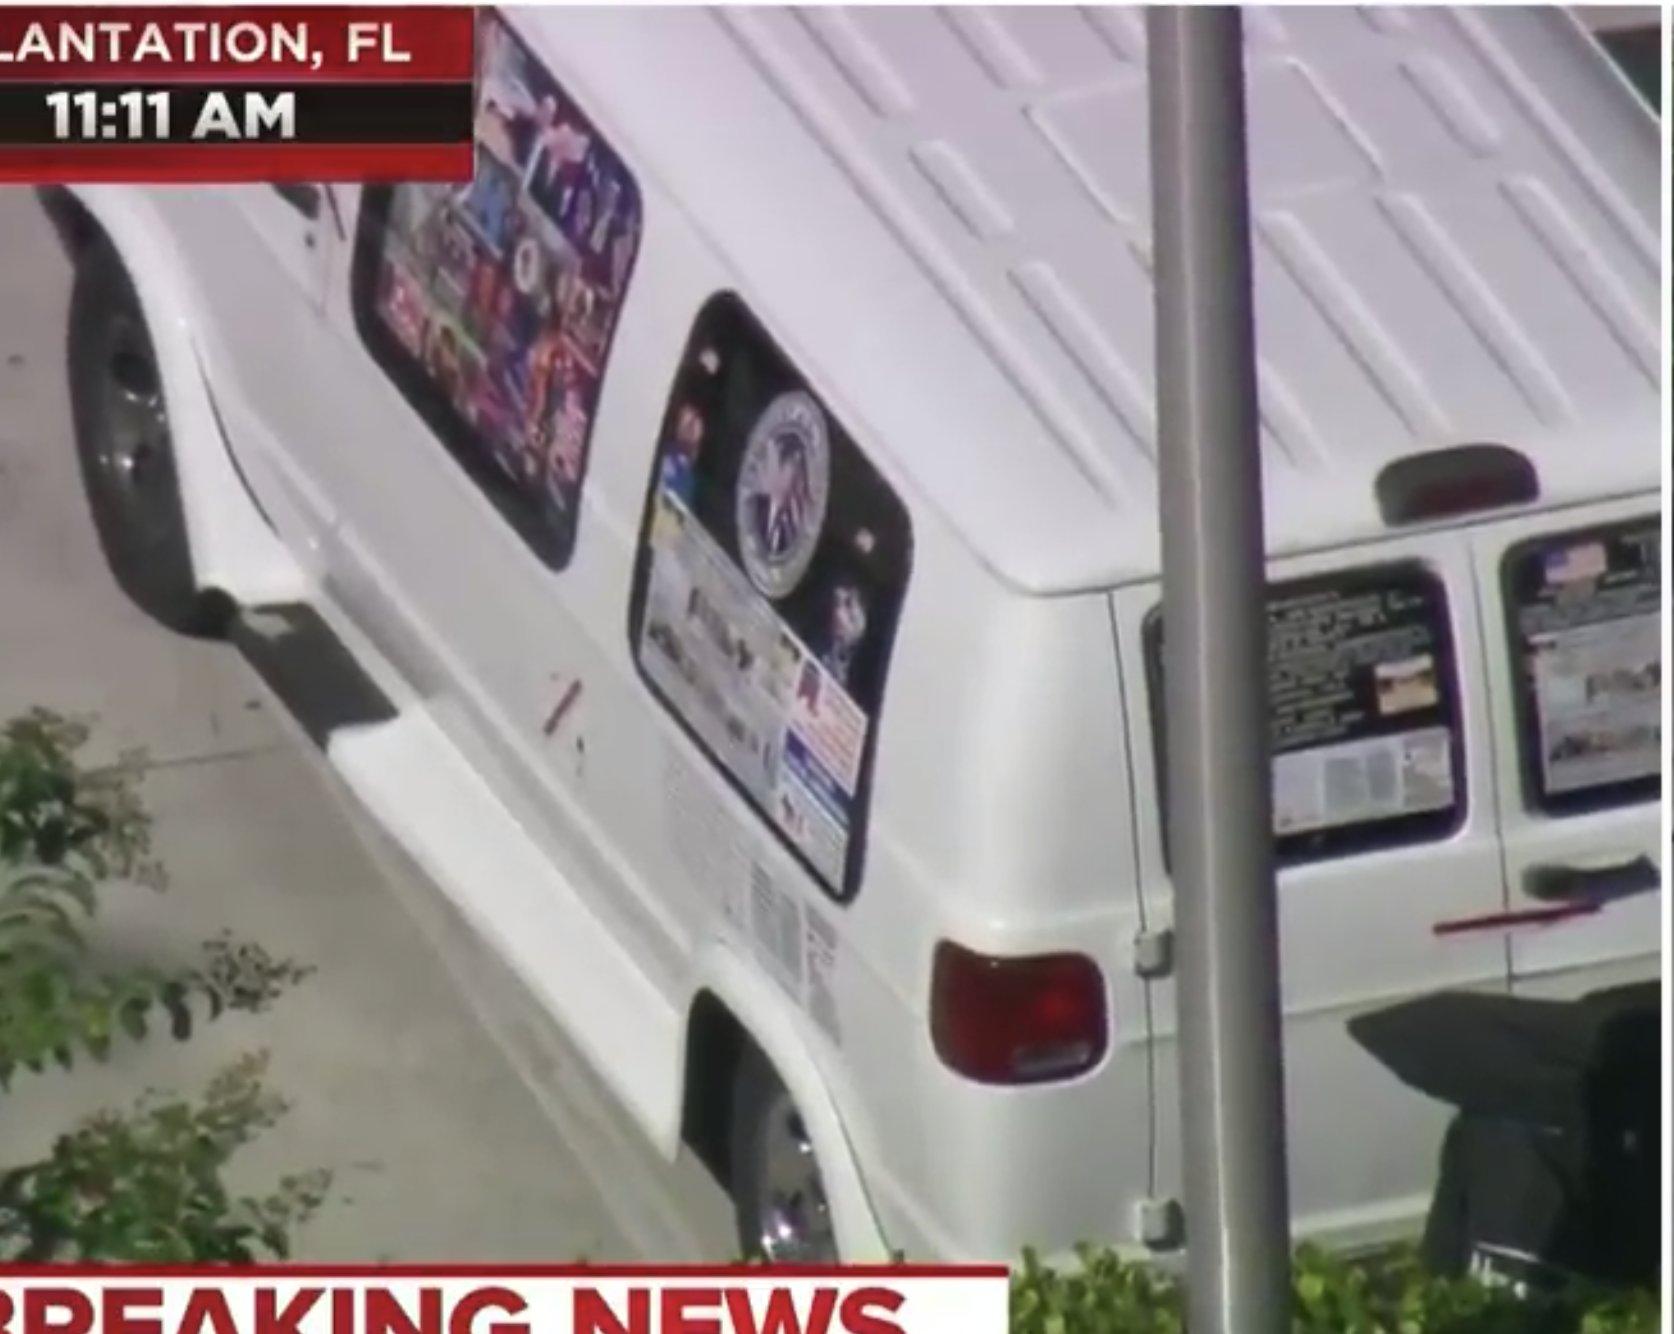 Bomb suspect's van